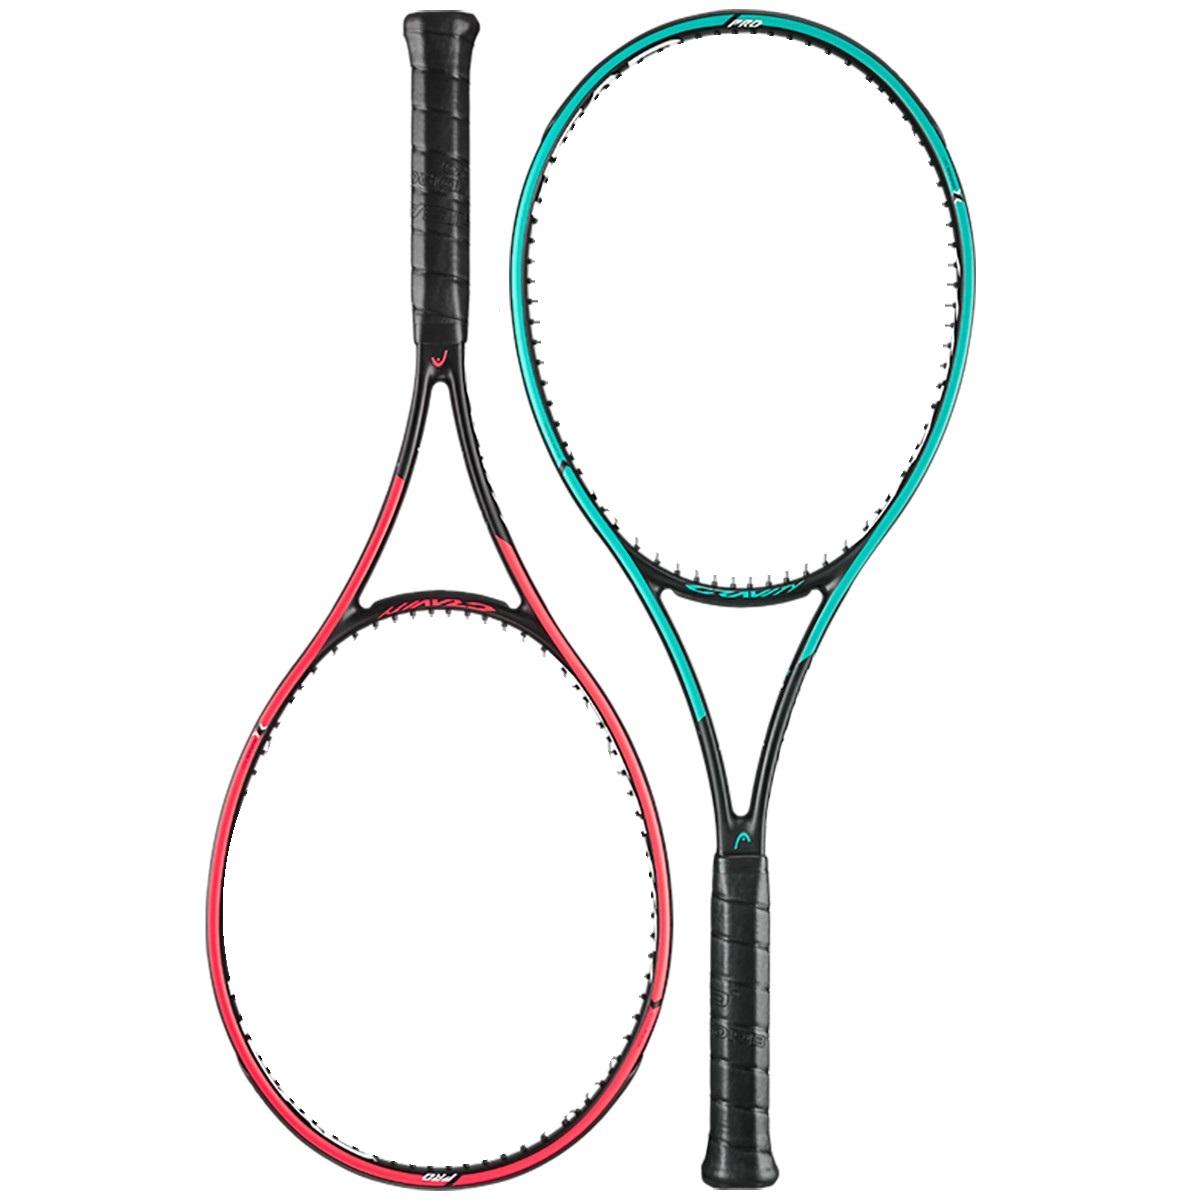 2019モデル ヘッド グラフィン360 グラビティプロ HEAD GRAPHENE 360 GRAVITY PRO (315g)テニスラケット